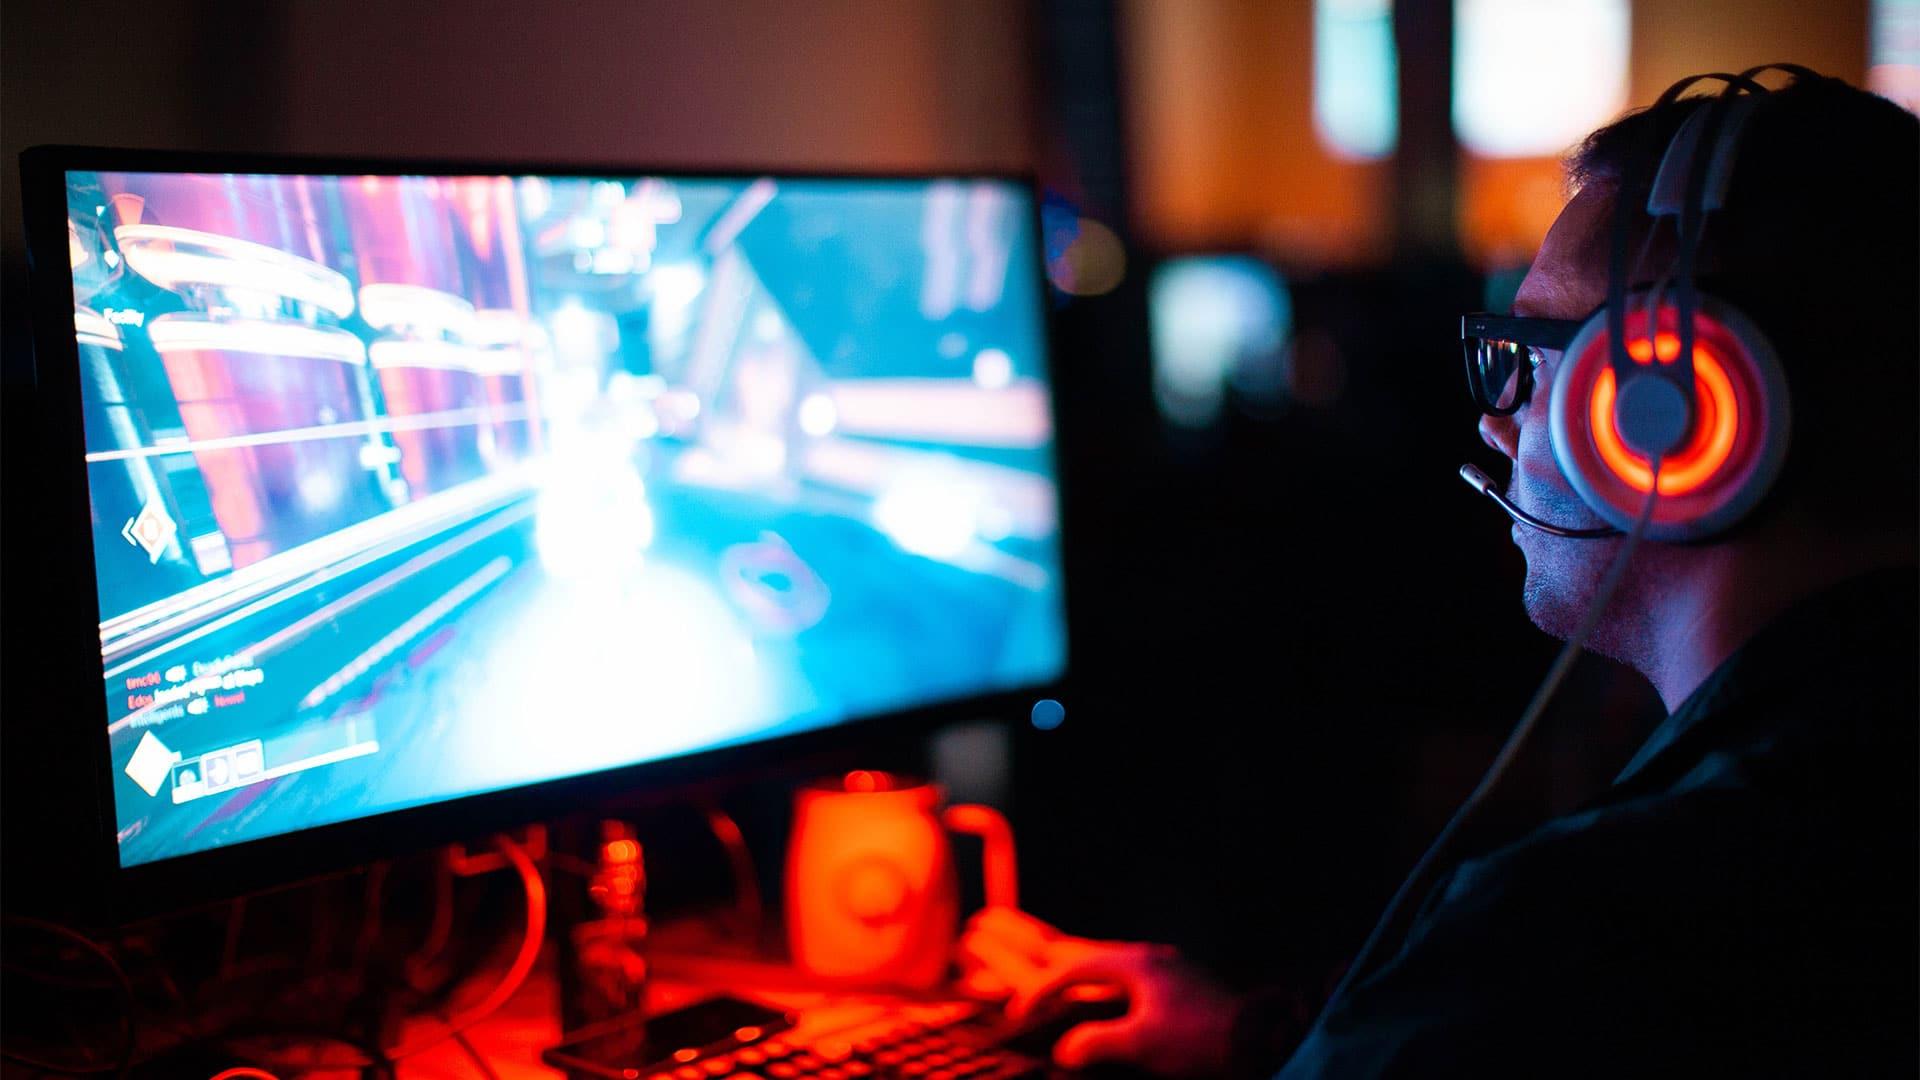 image of man gaming